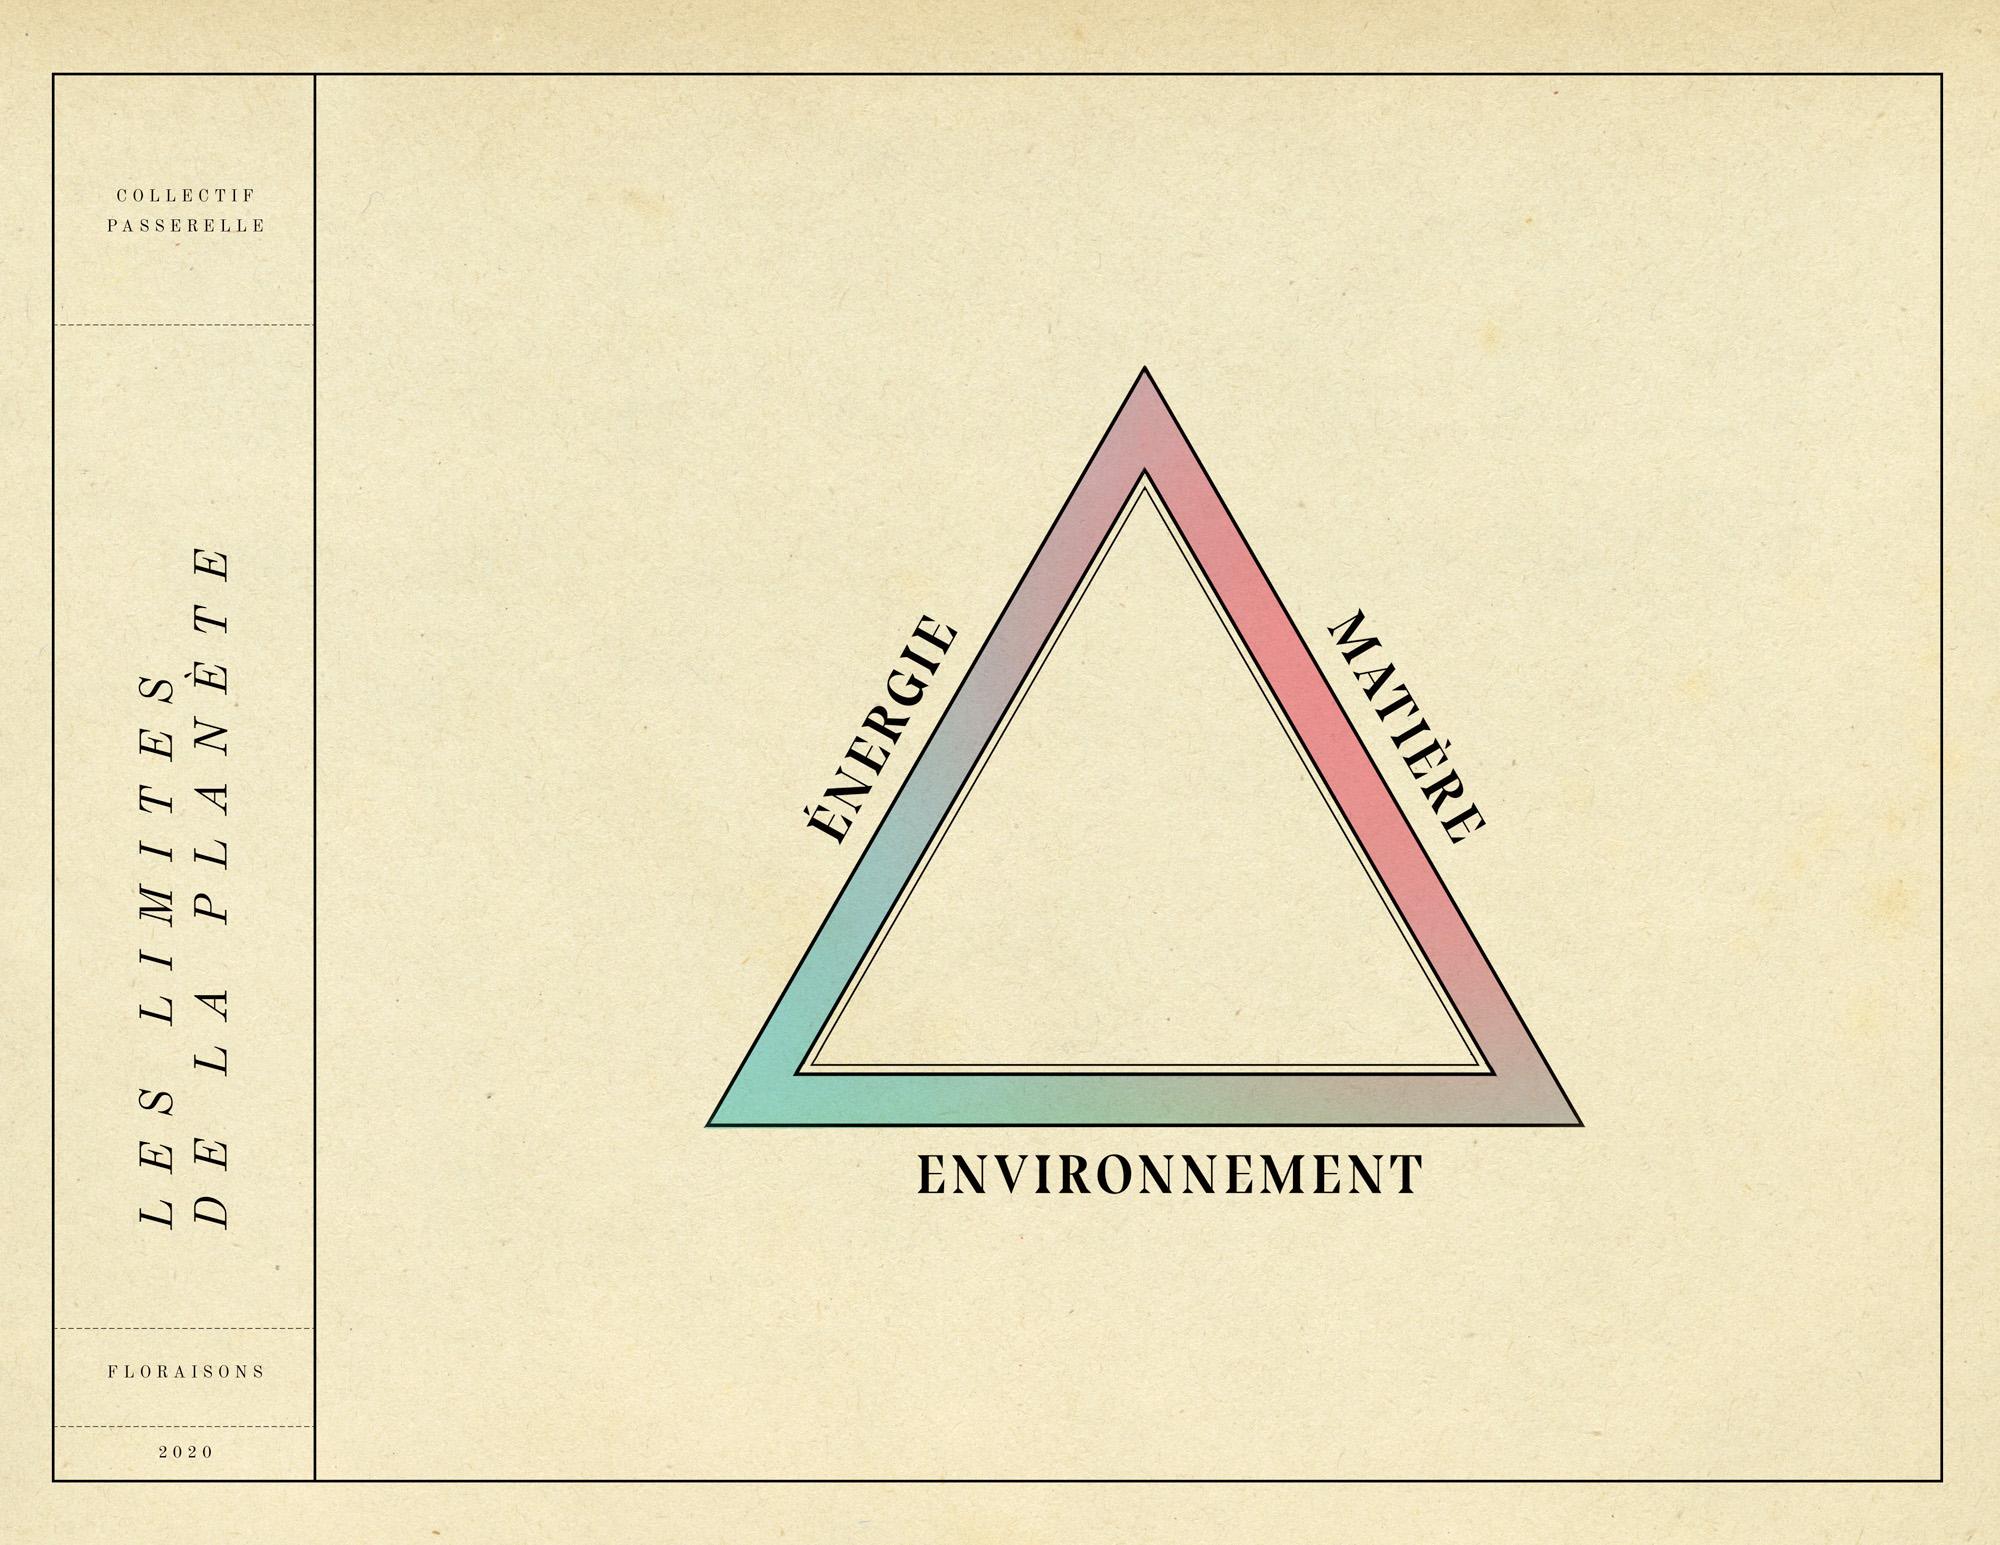 Matière énergie et environnement